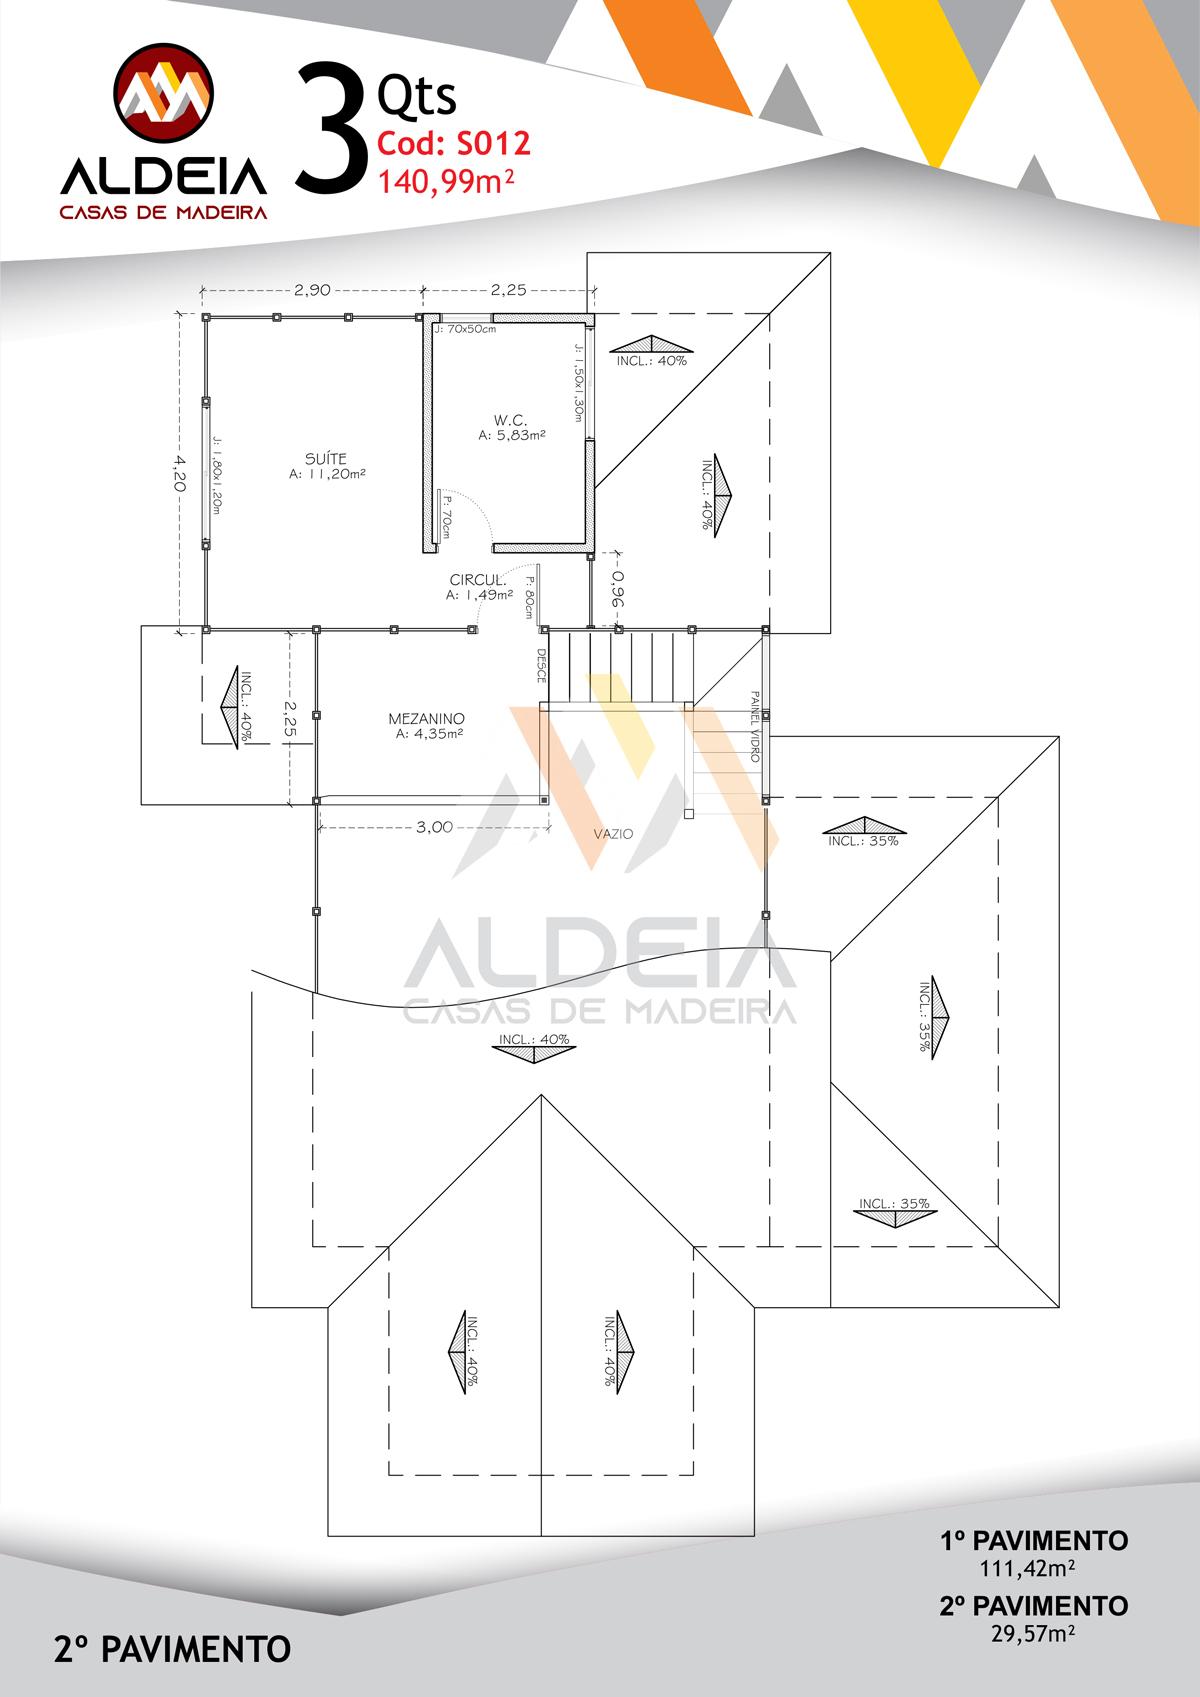 aldeia-casas-madeira-arquitetura-S012-2